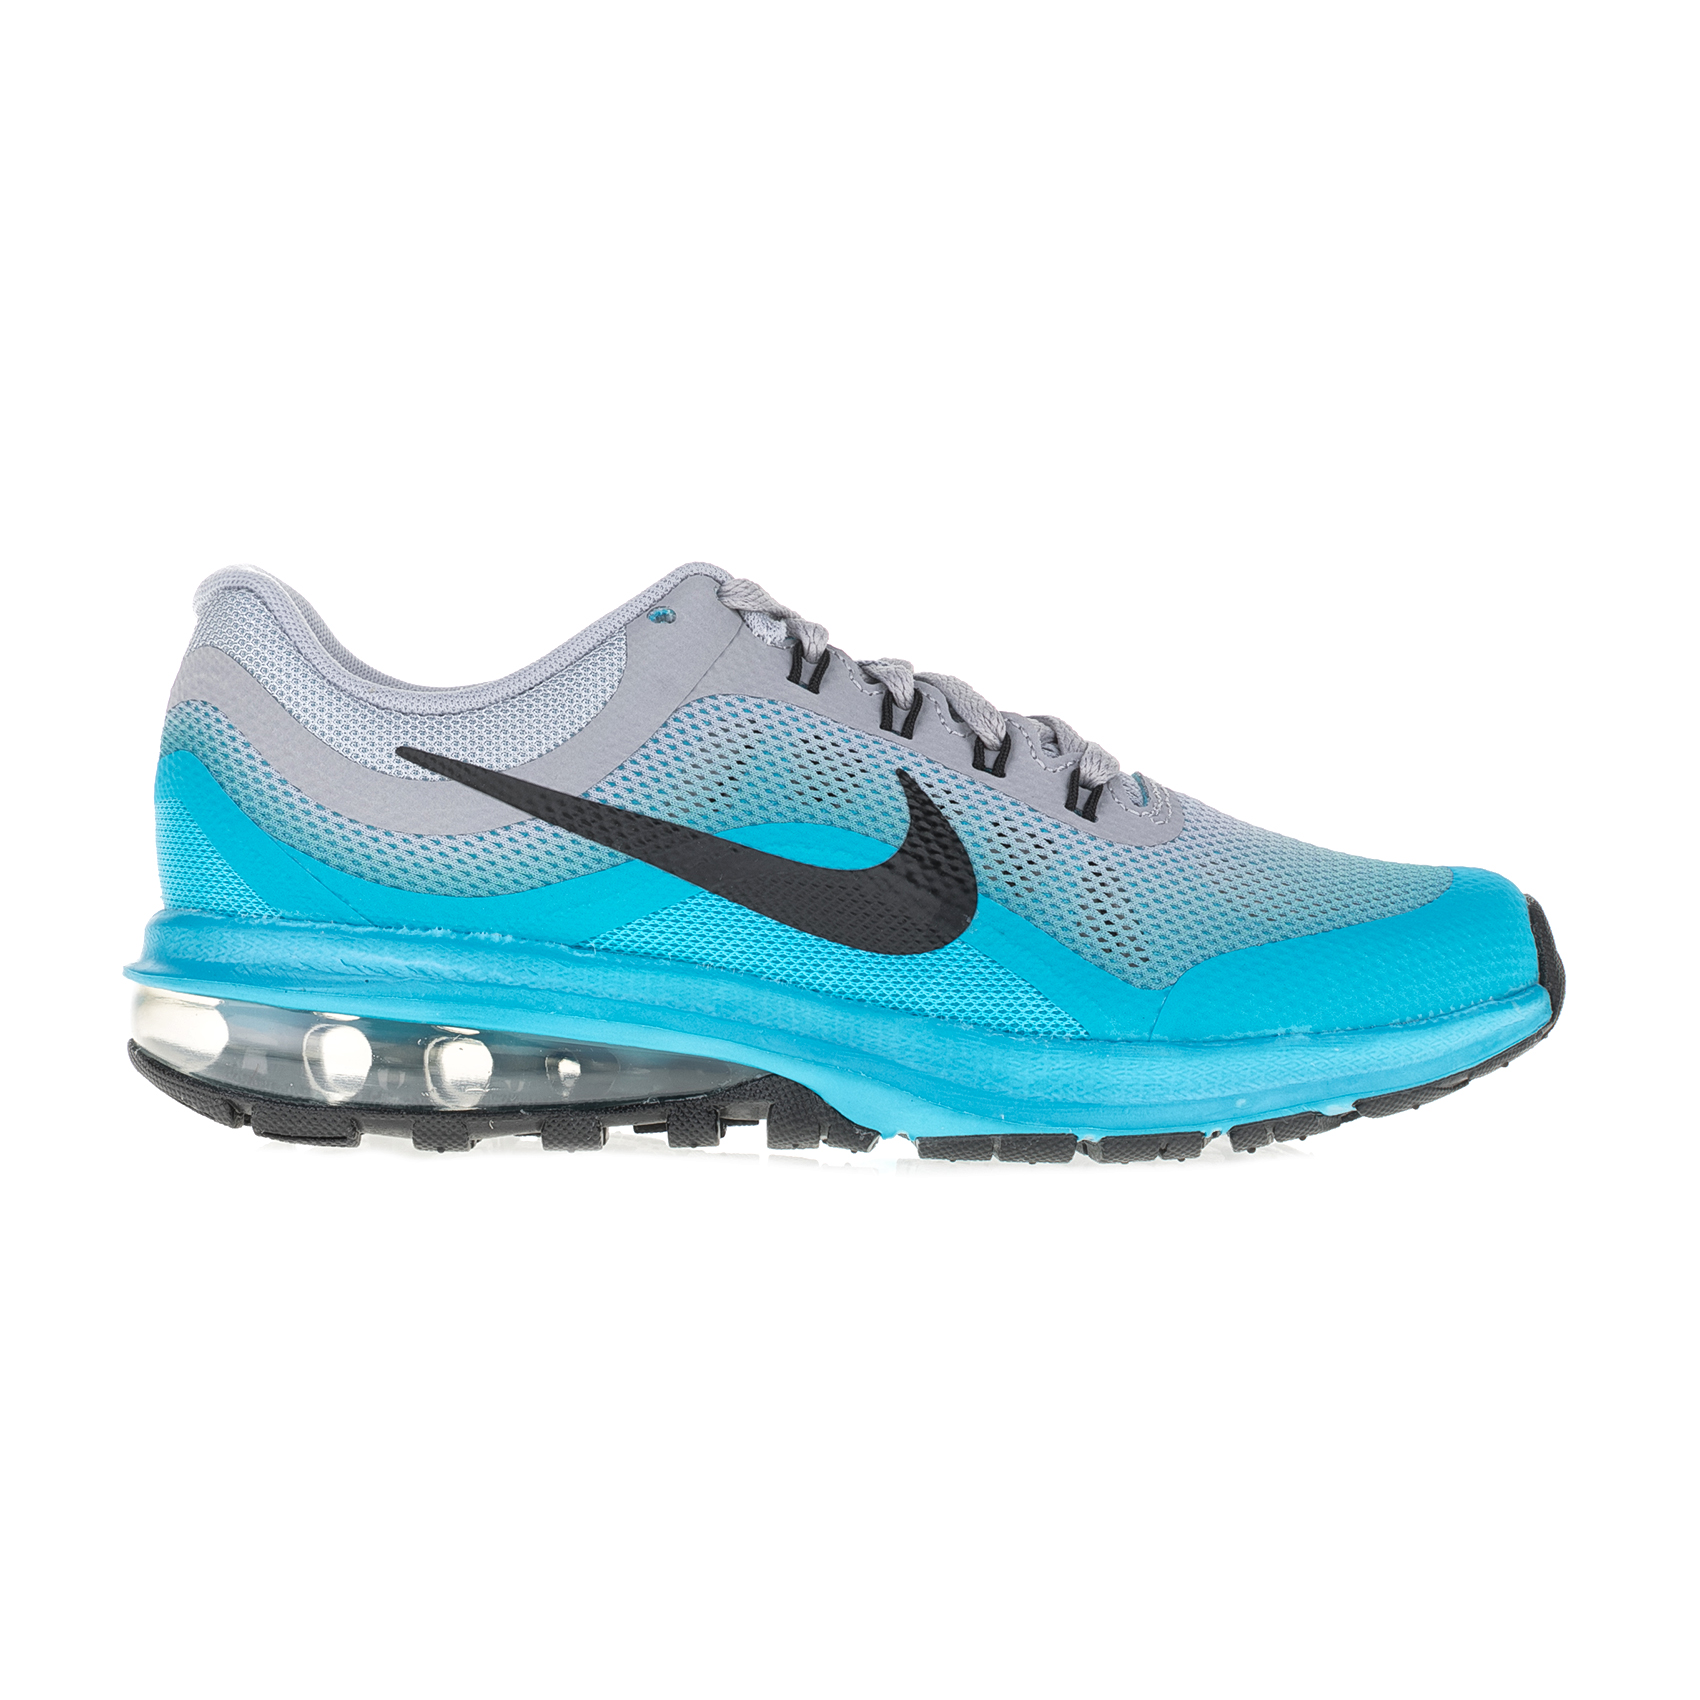 NIKE - Παιδικά αθλητικά παπούτσια Nike AIR MAX DYNASTY 2 (GS) γκρι - μπλε